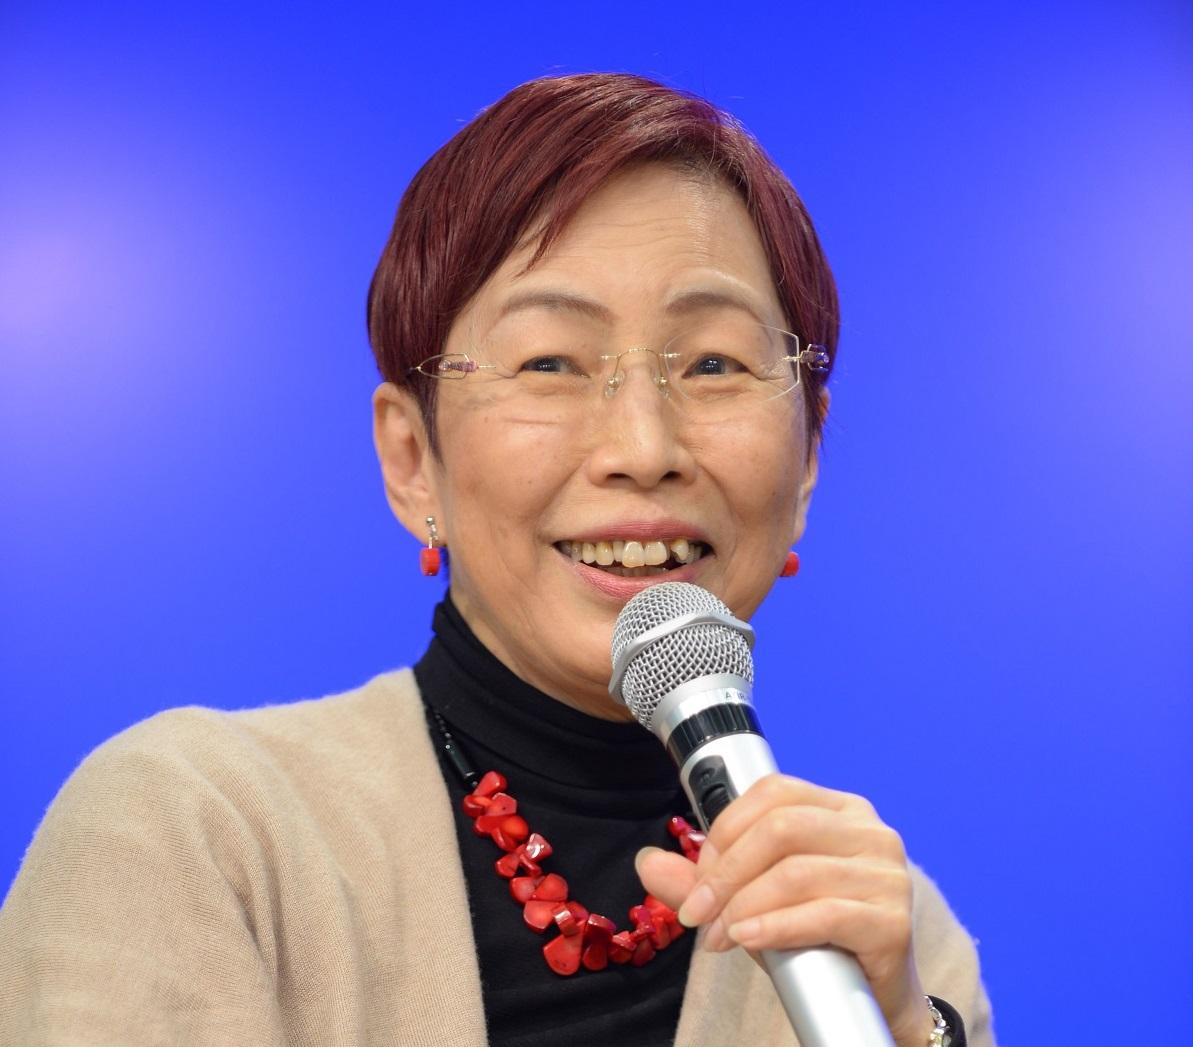 「情熱大陸」が映した上野千鶴子